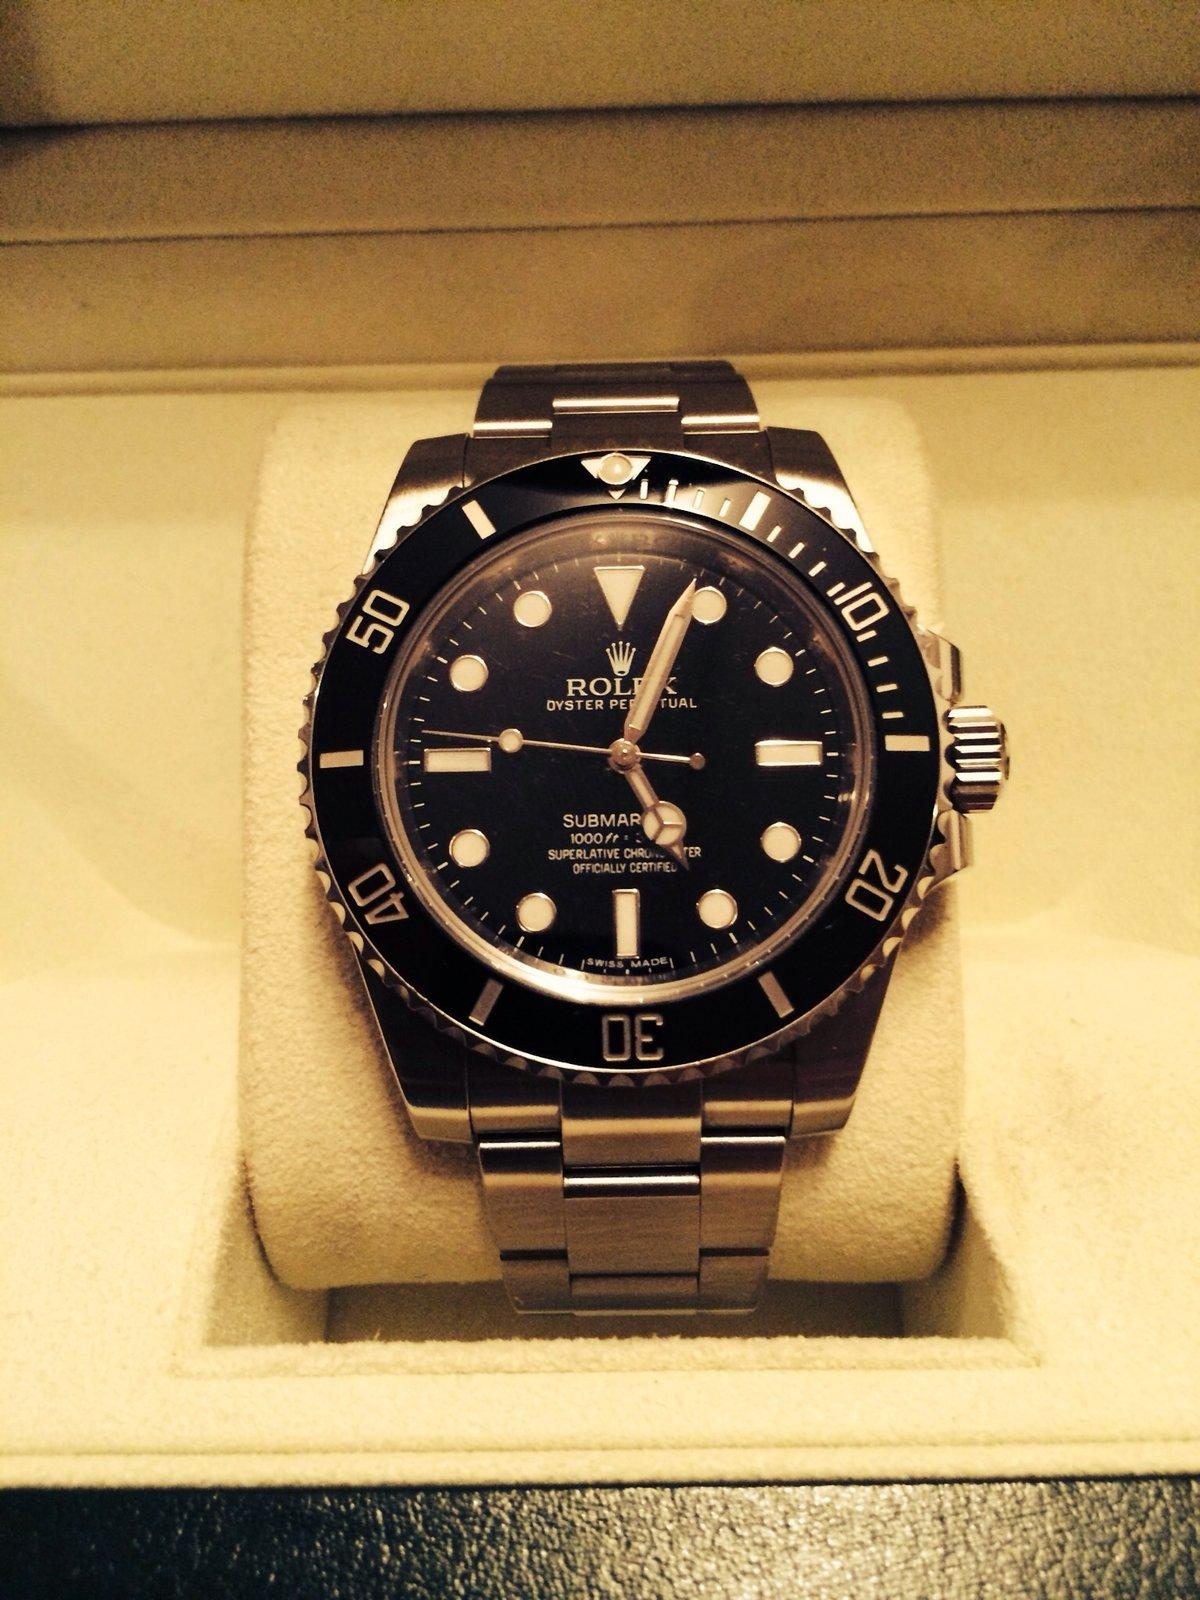 [Erledigt] Rolex 114060 Lc 100 3/13 - UhrForum